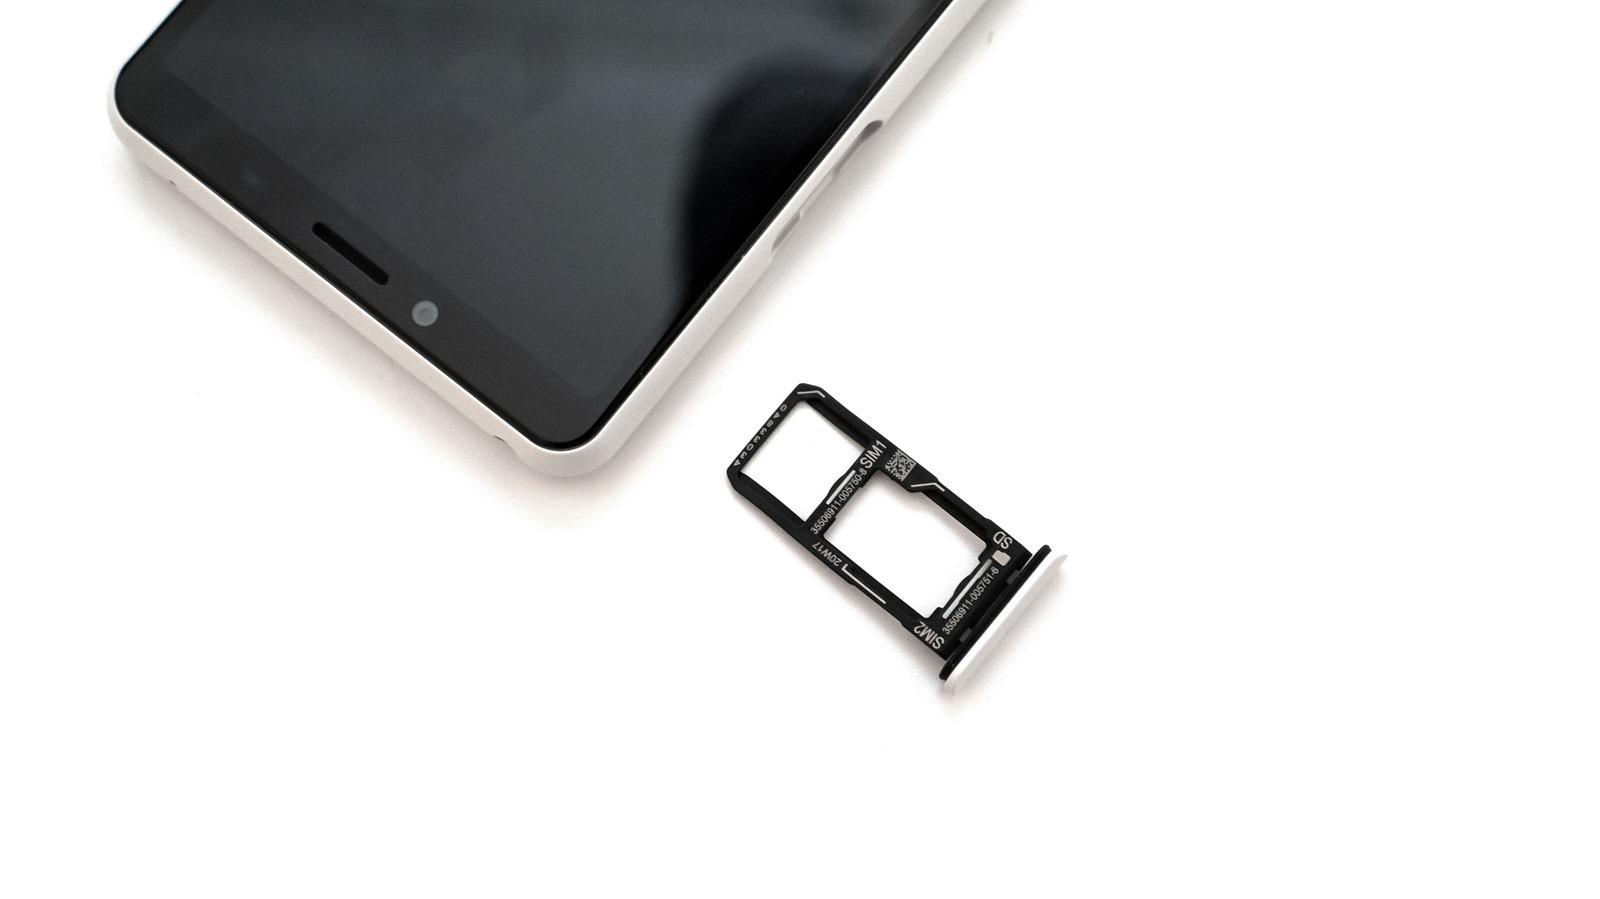 索尼 Xperia 10 II 新机评测(1) 中阶防水生力军开箱动手玩! 还有首购礼不怕潮享乐一起看! @3C 达人廖山寨迷